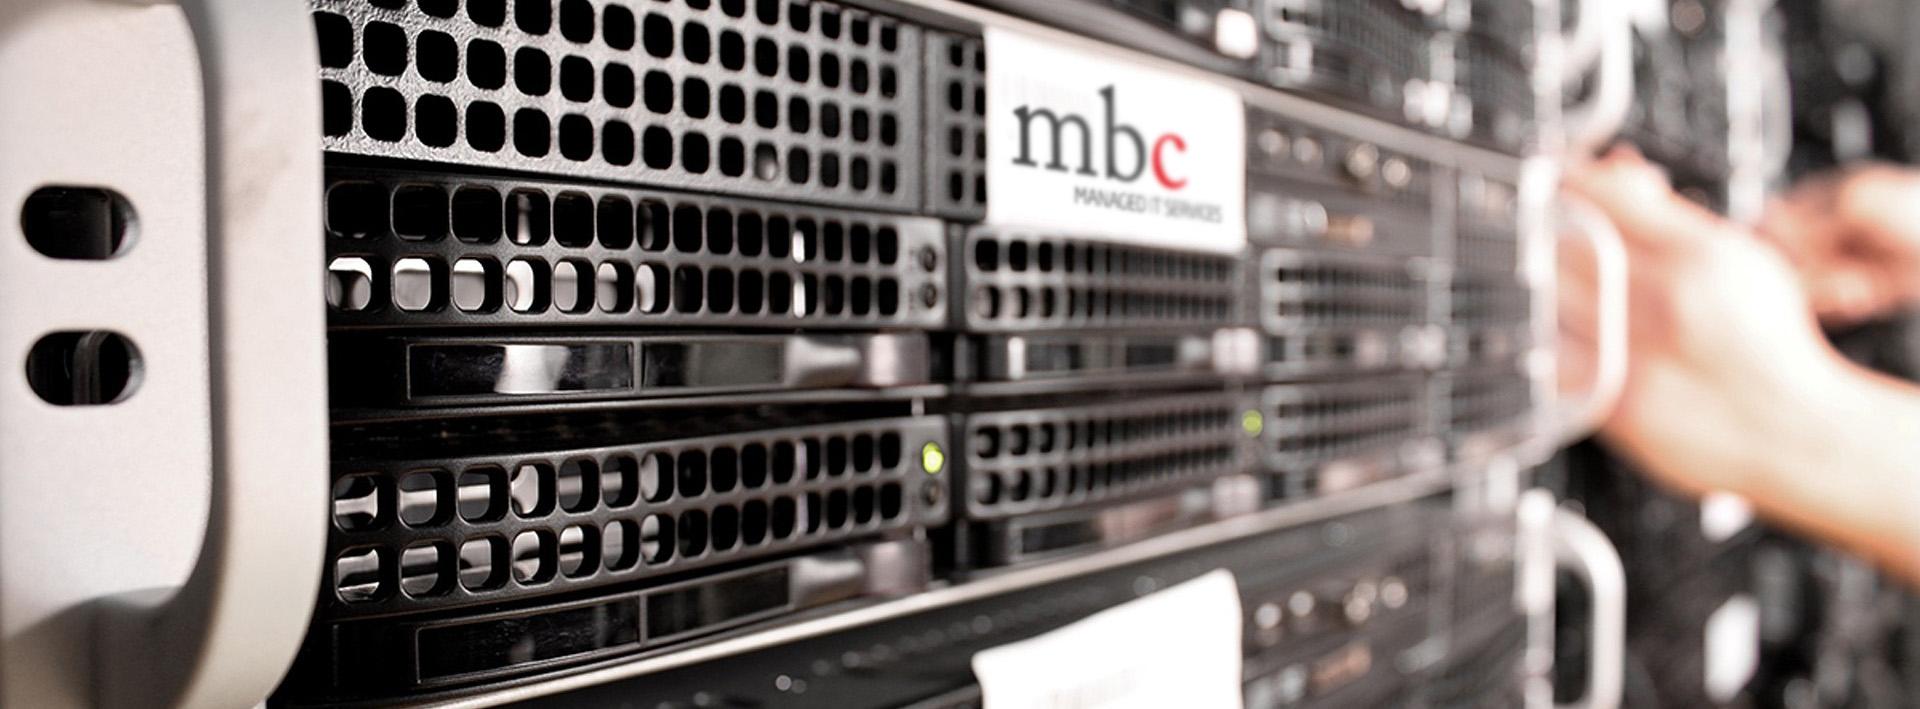 MBC Firewall units